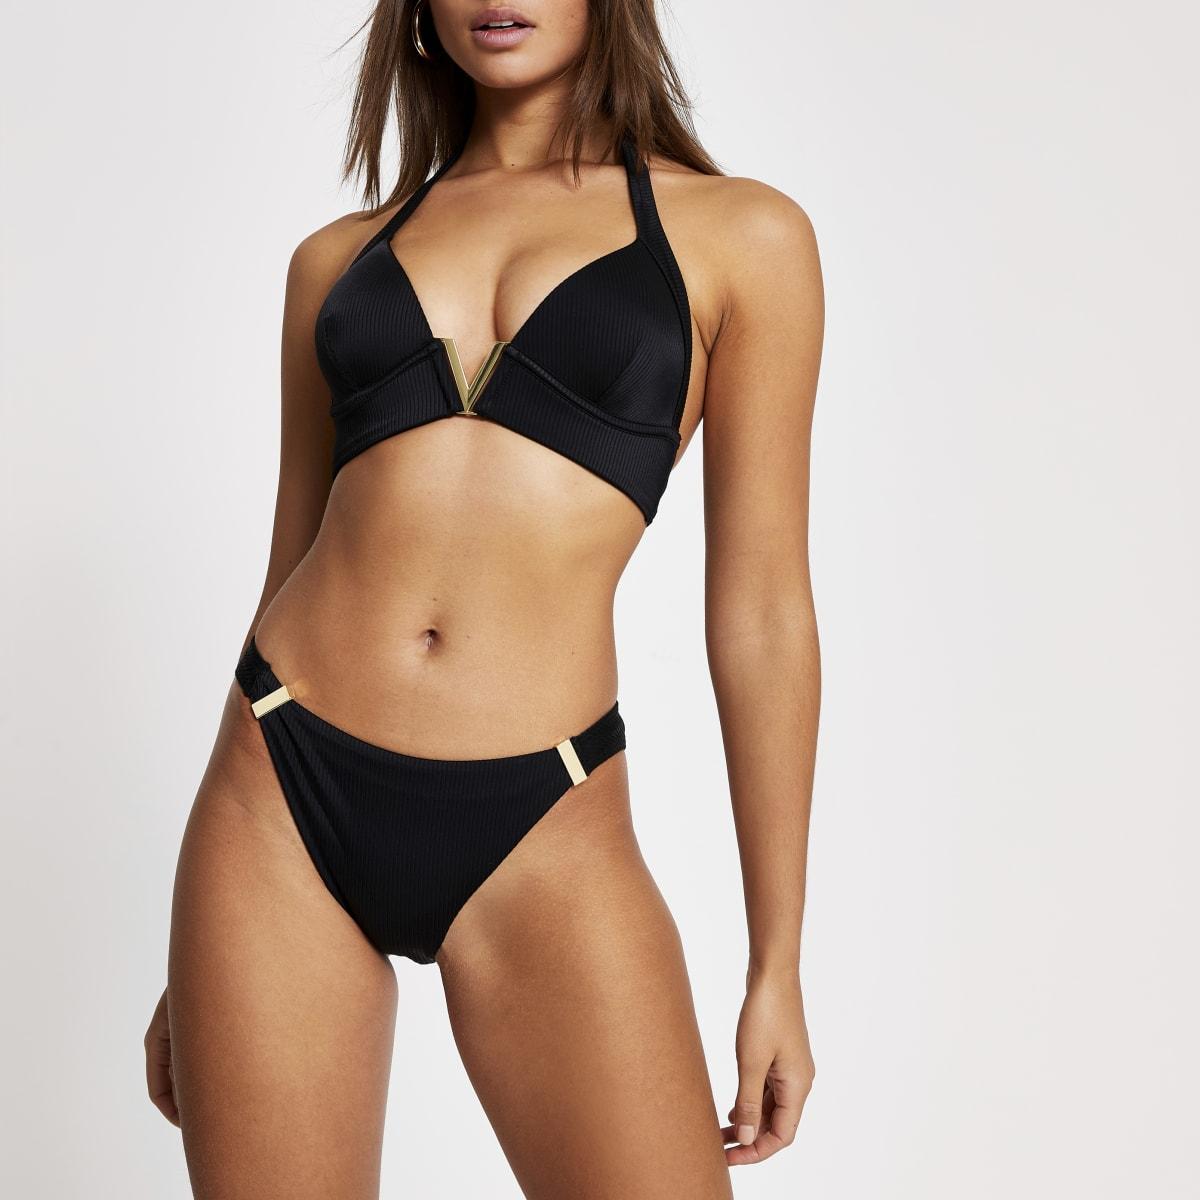 Schwarze, gerippte Bikinihose mit hohem Beinausschnitt